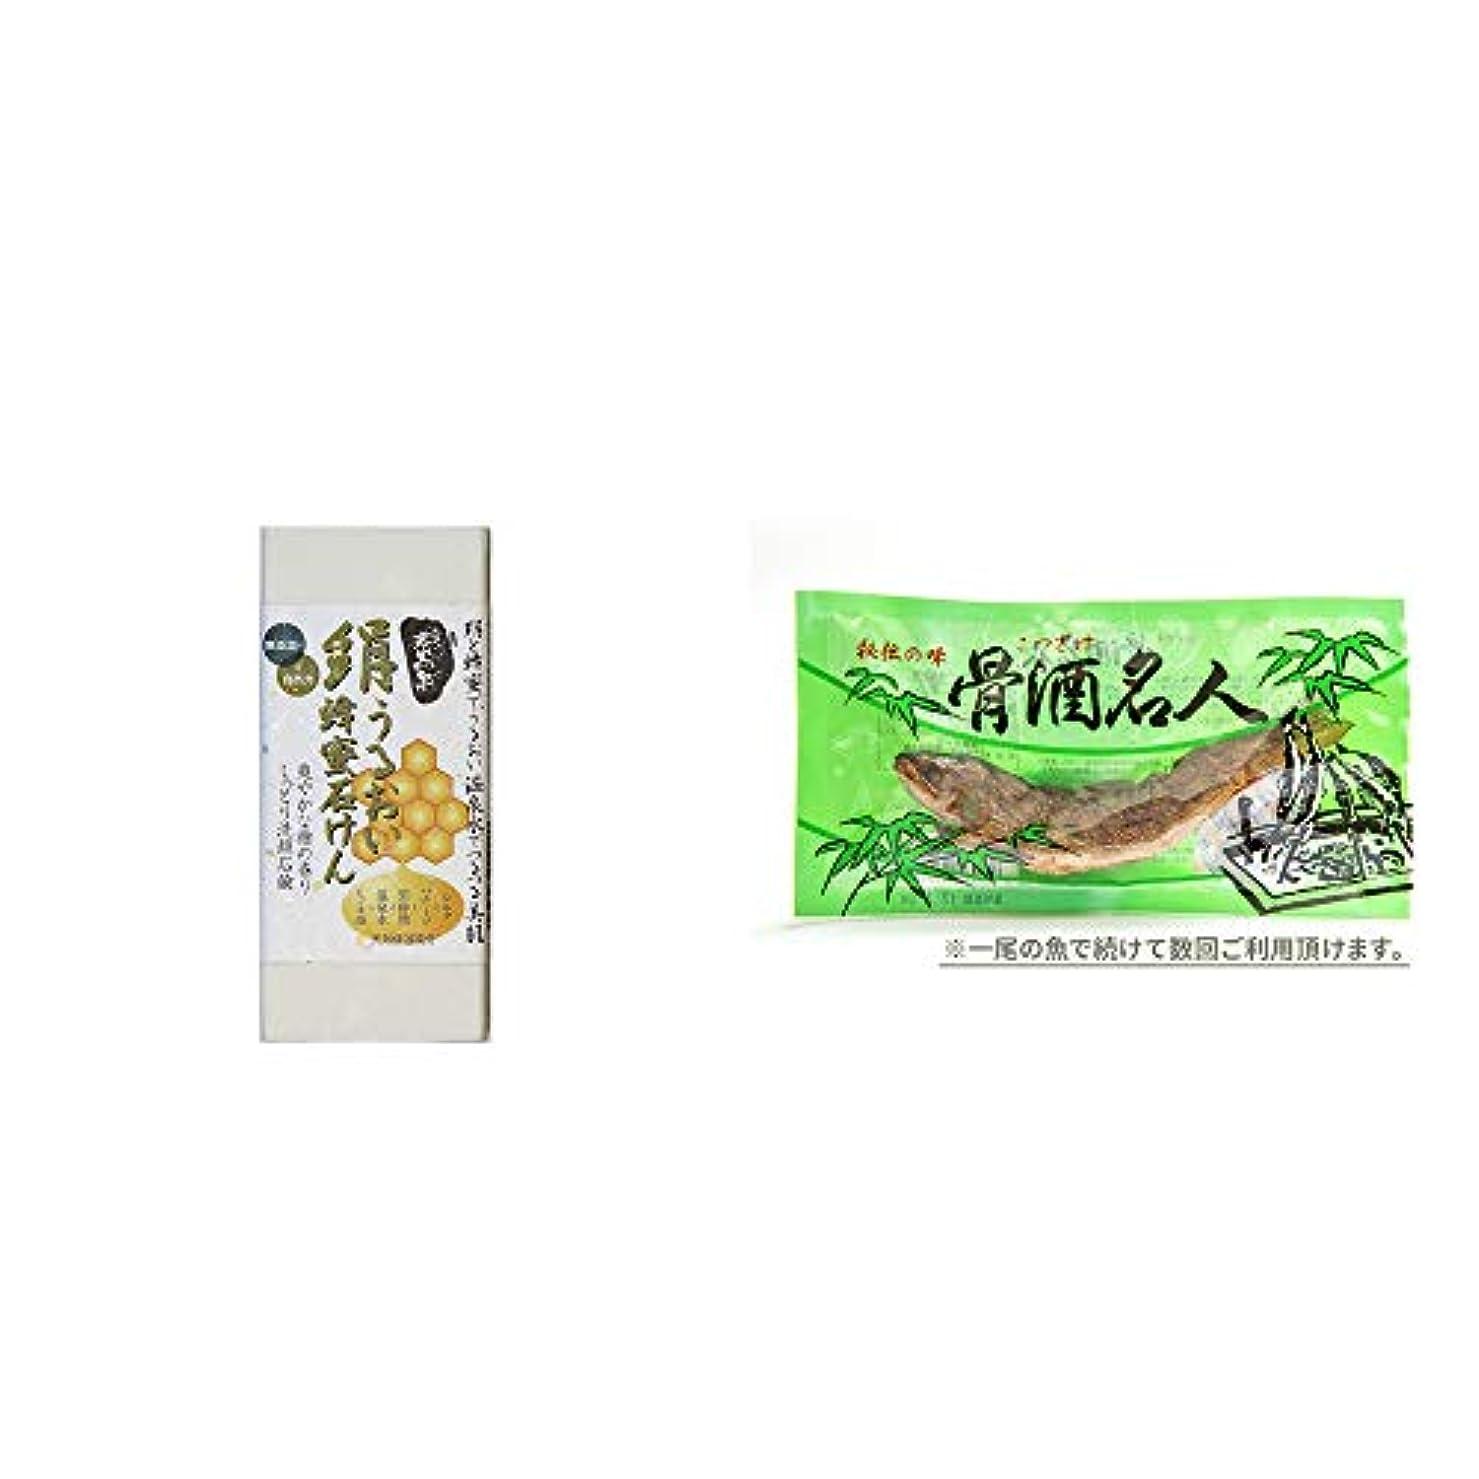 強い上げる図[2点セット] ひのき炭黒泉 絹うるおい蜂蜜石けん(75g×2)?骨酒名人(一尾)